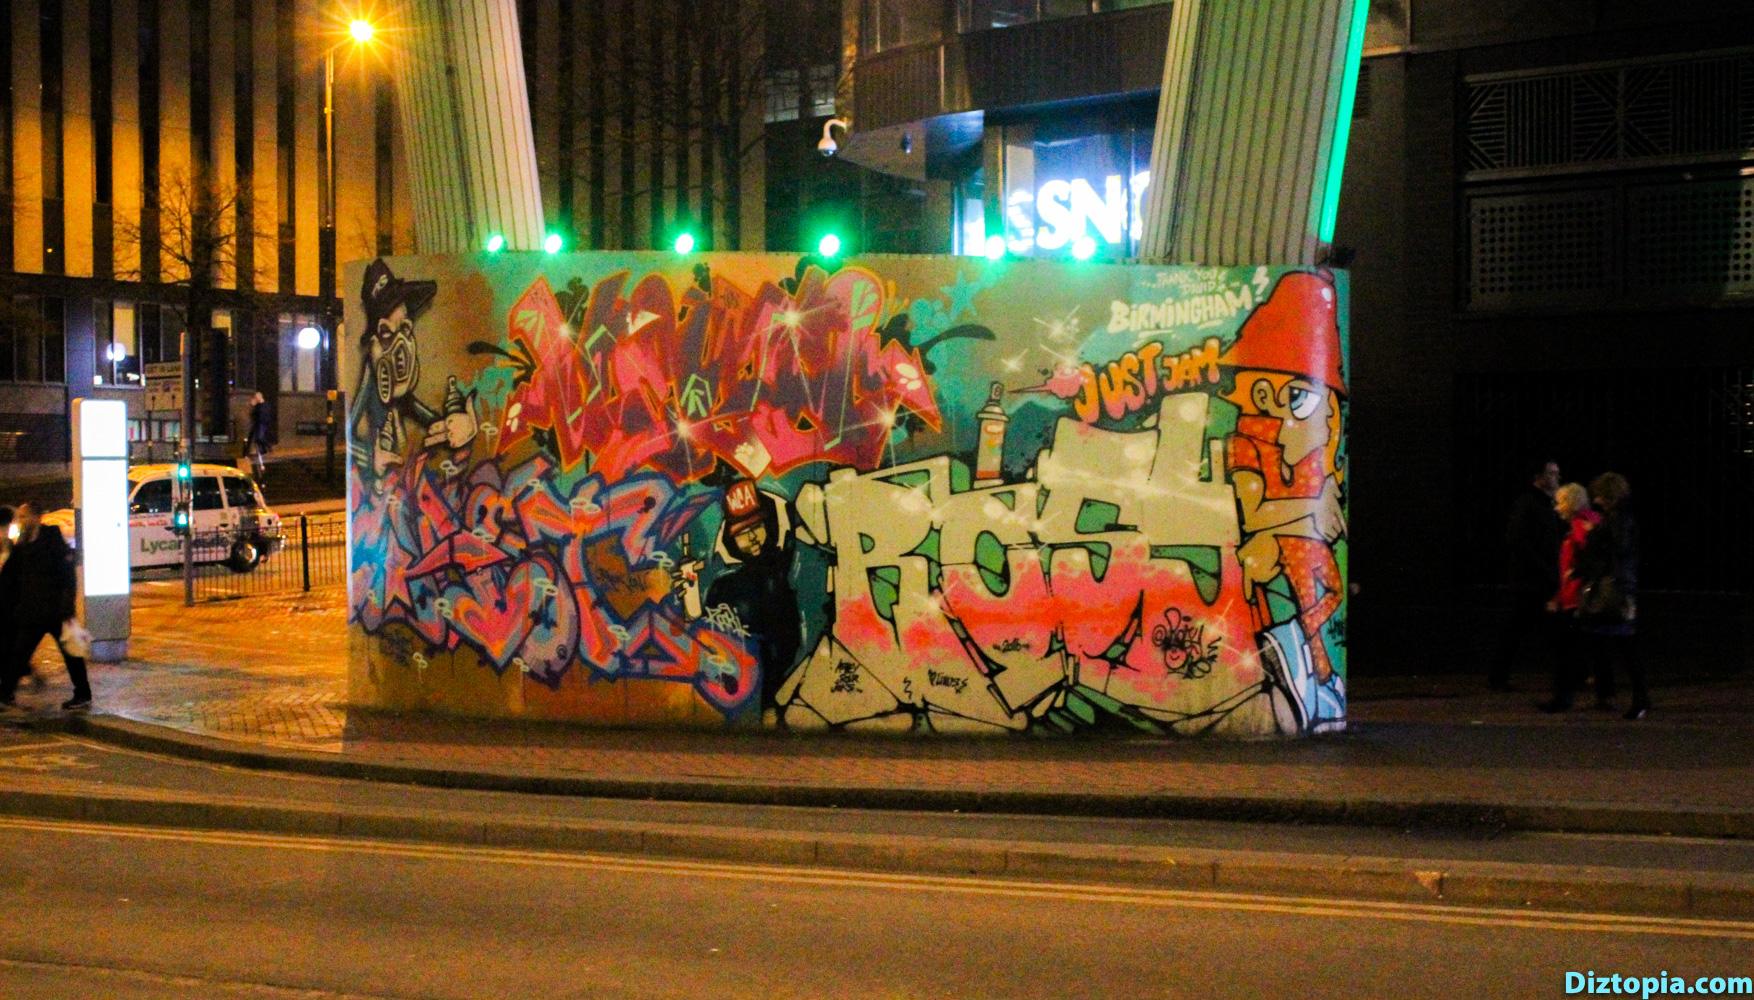 Birmingham-Canal-City-Diztopia-Photography-Night-Dizma-Dahl-China-Town-UK-Blog-8